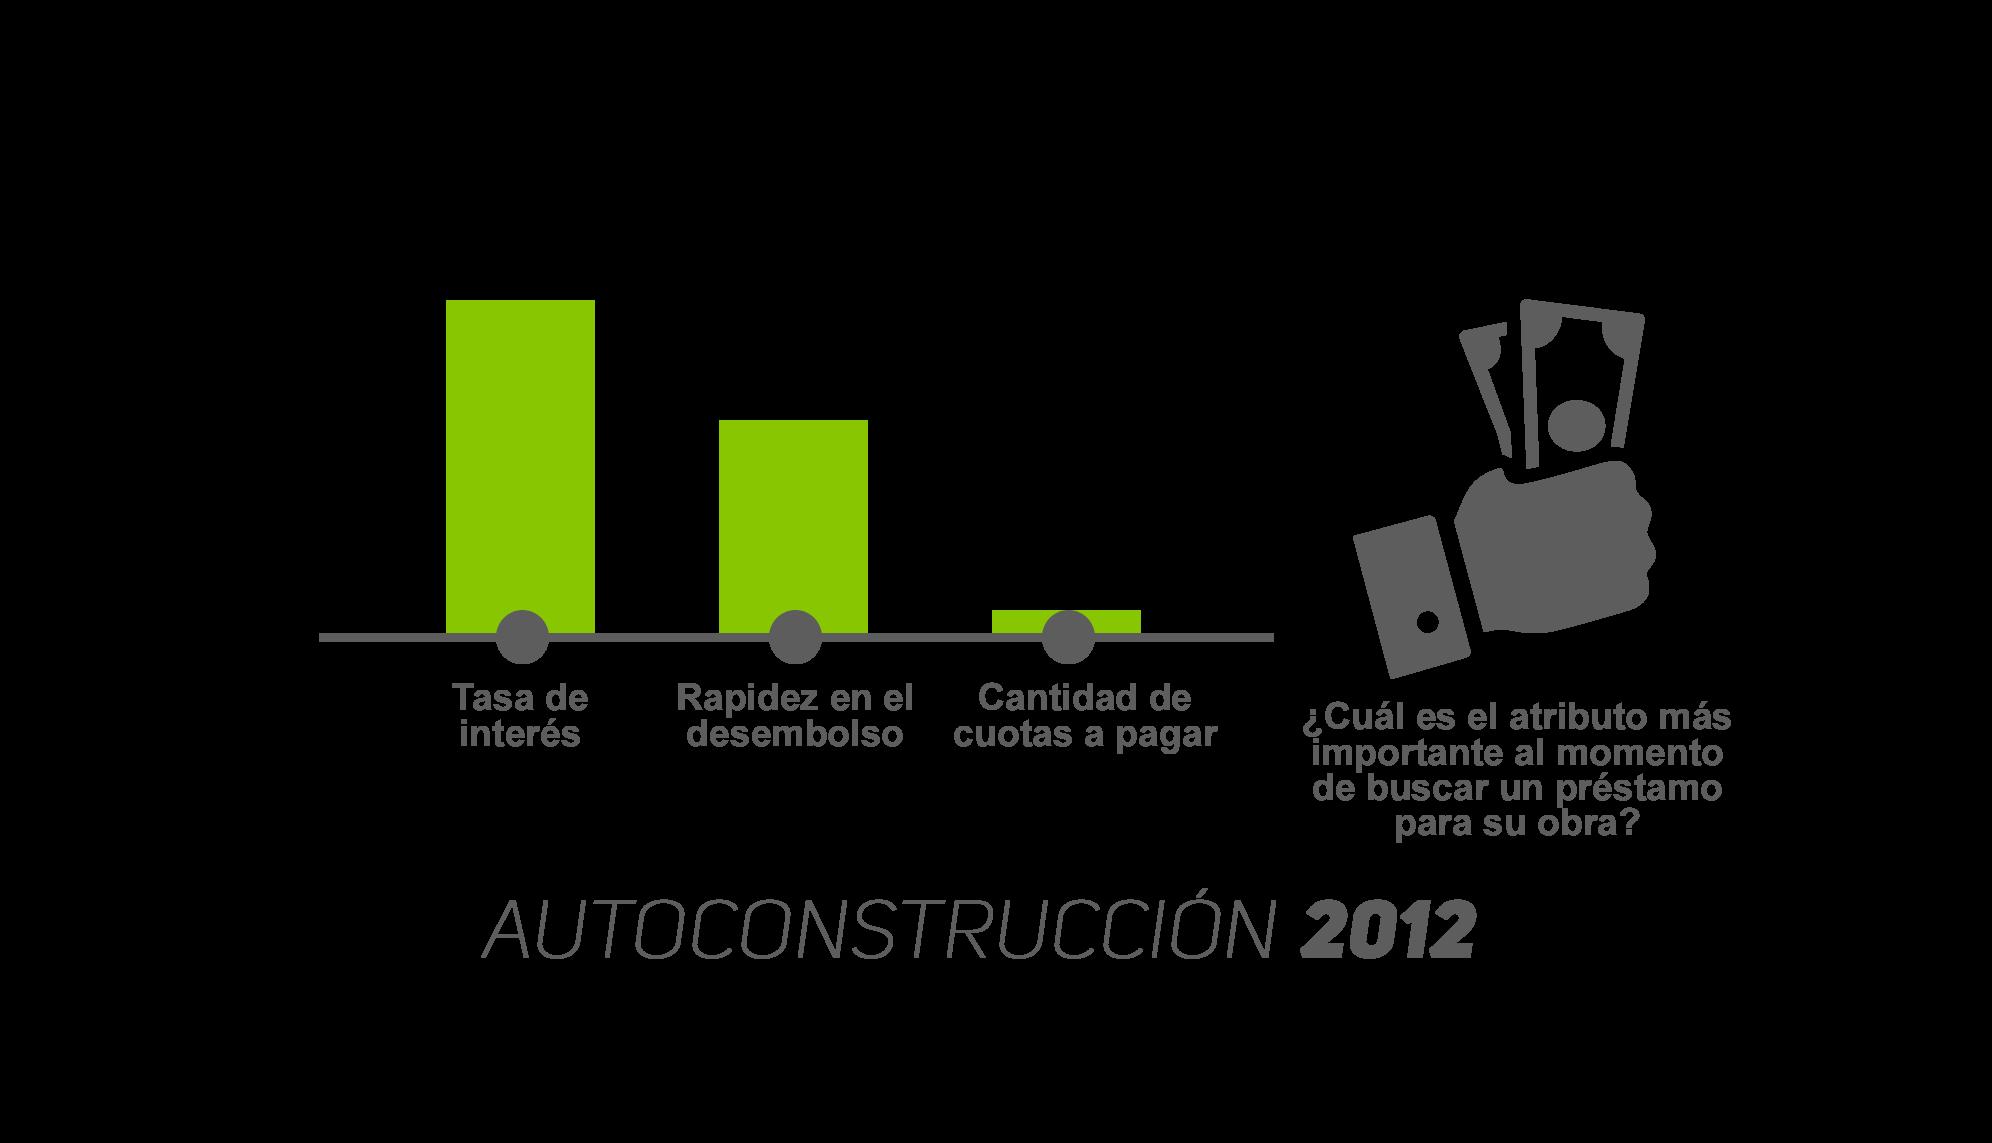 Autoconstrucción 2012